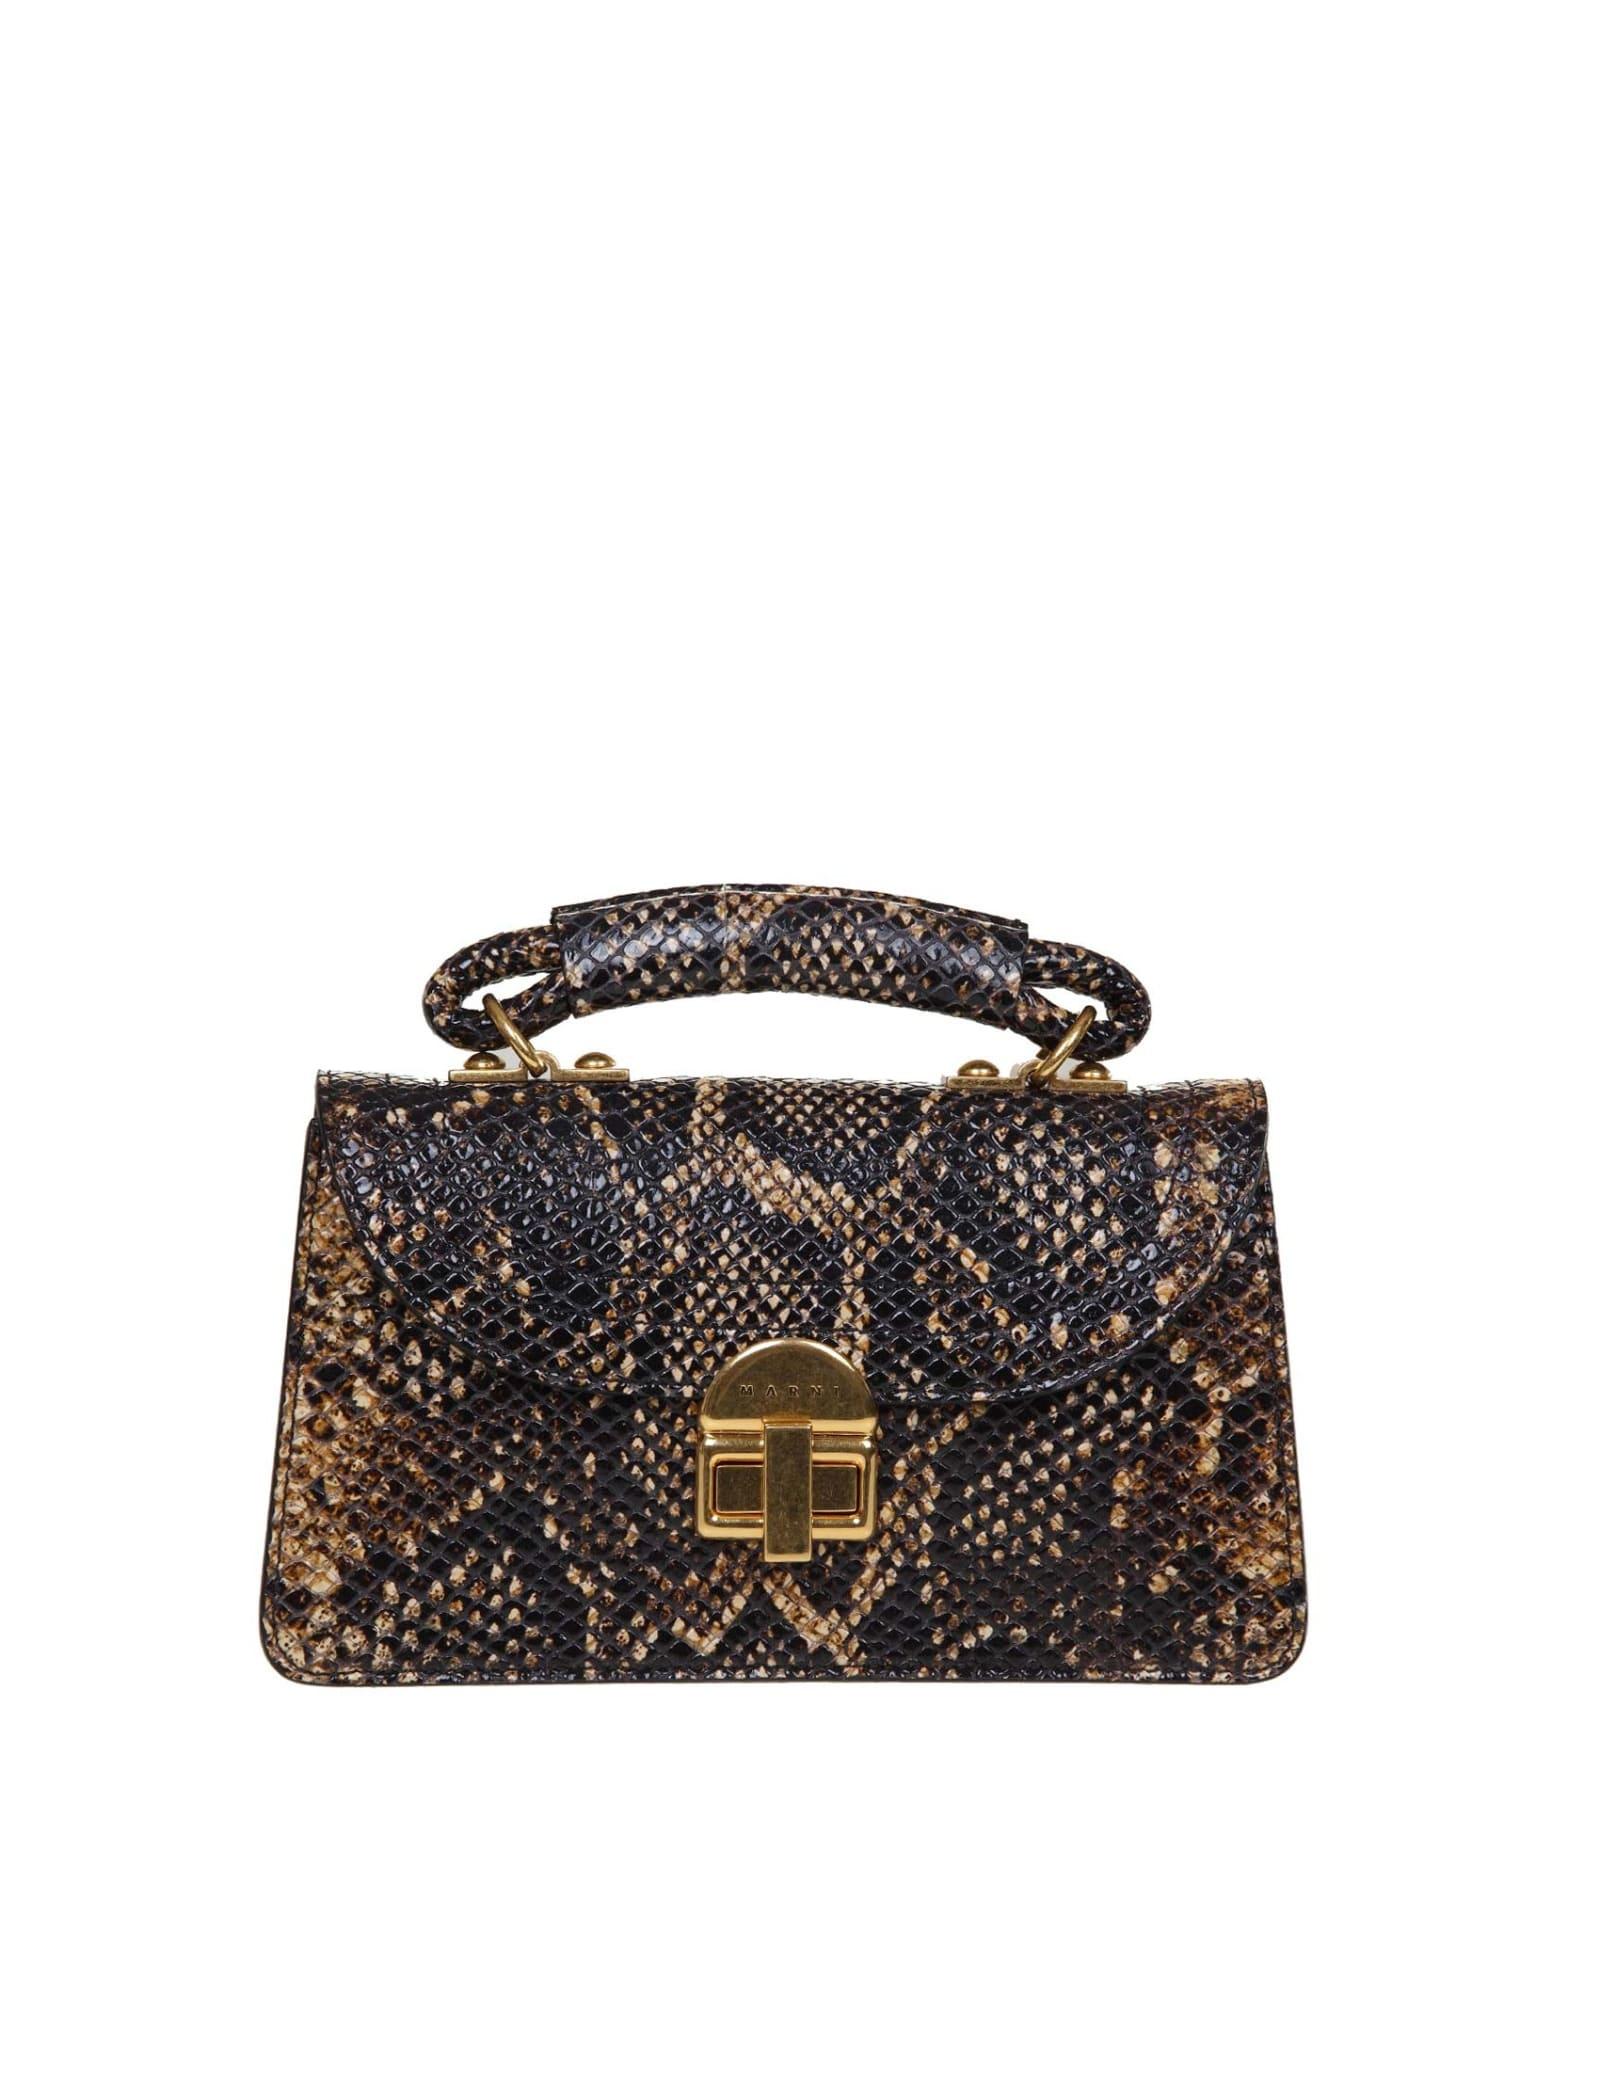 Marni Juliette Shoulder Bag In Python Print